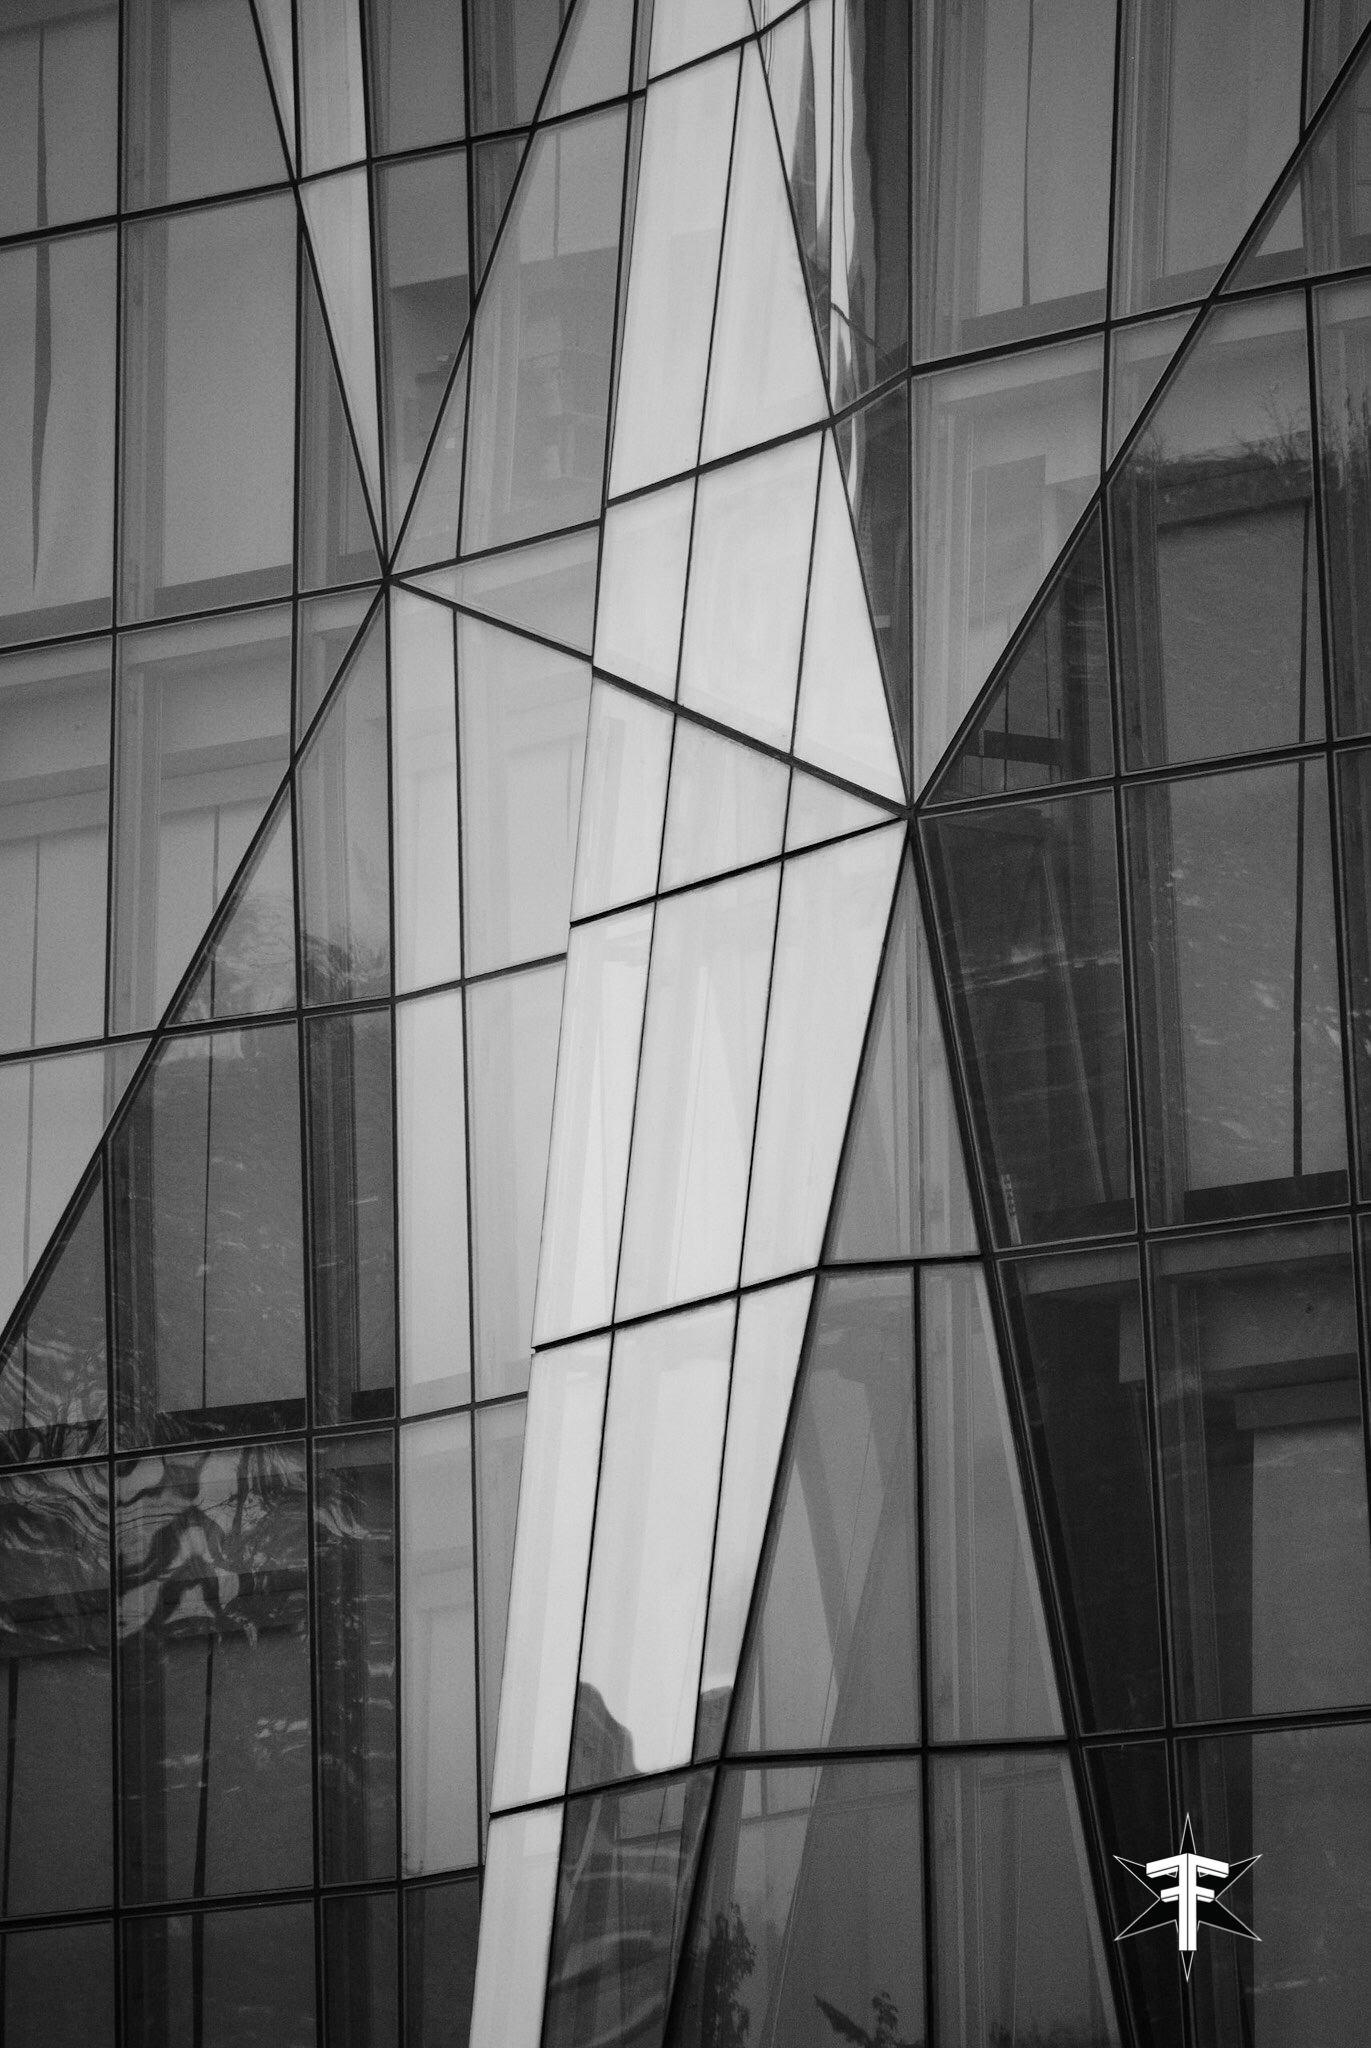 chicago architecture eric formato photography design arquitectura architettura buildings skyscraper skyscrapers-79.jpg